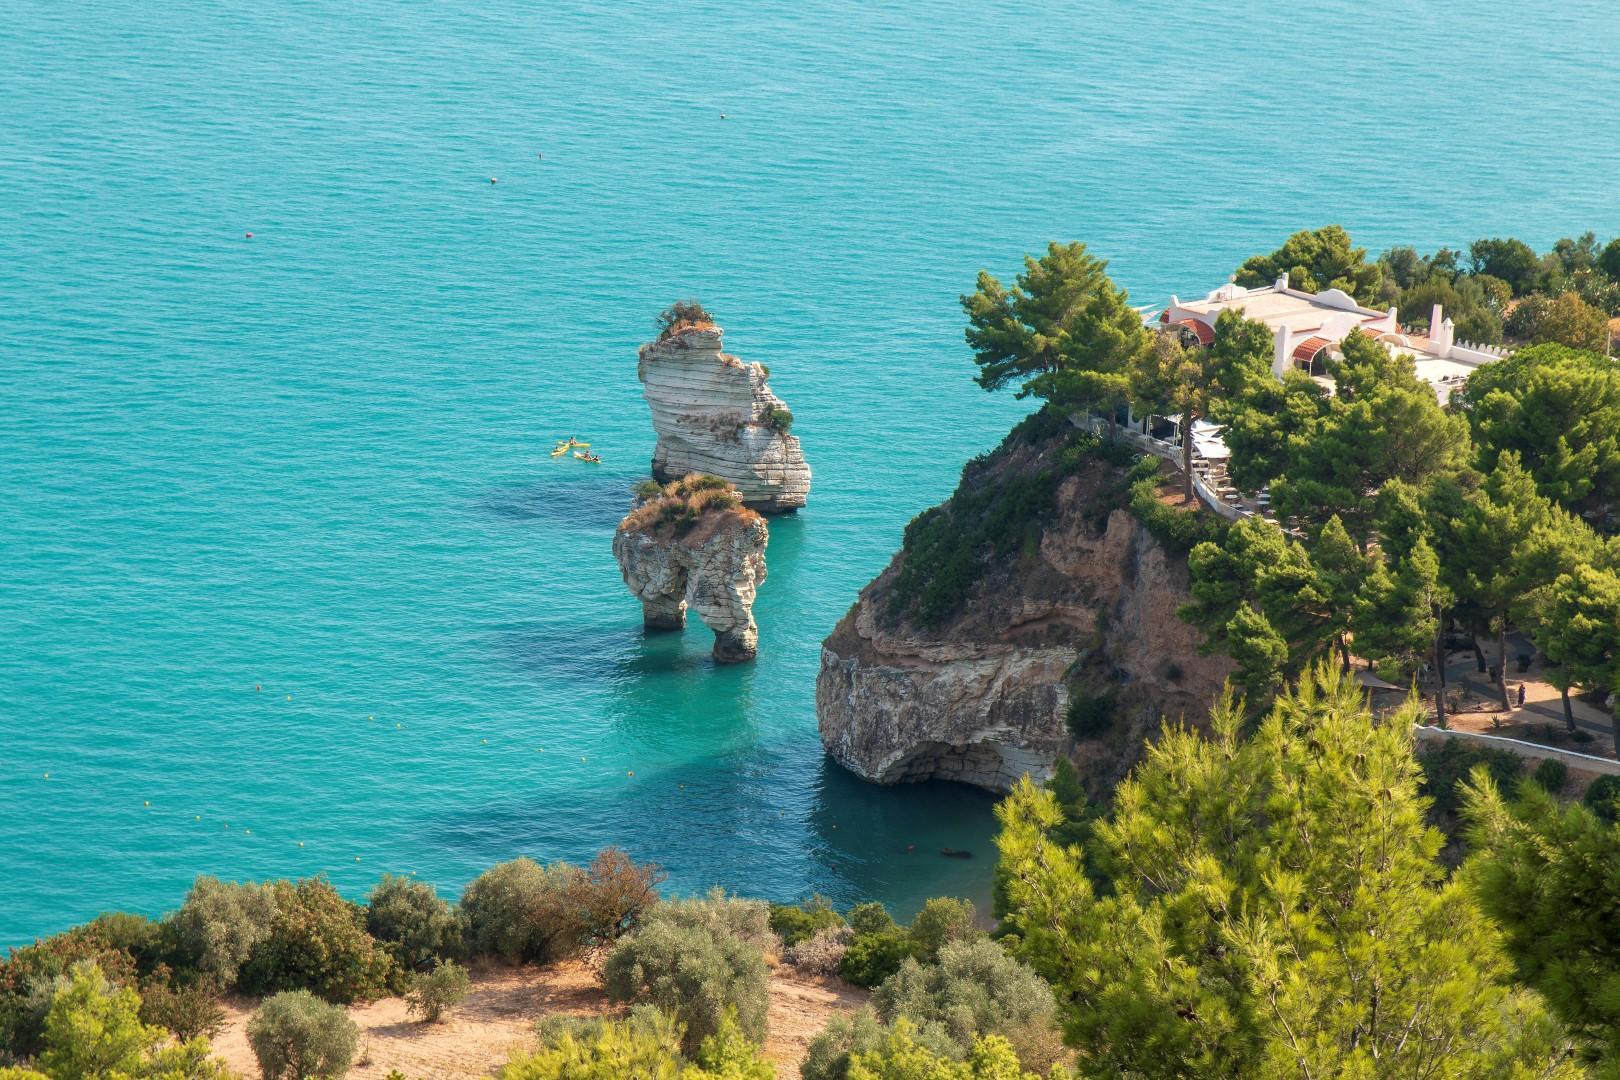 Spiagge del Mediterraneo: le magnifiche sette